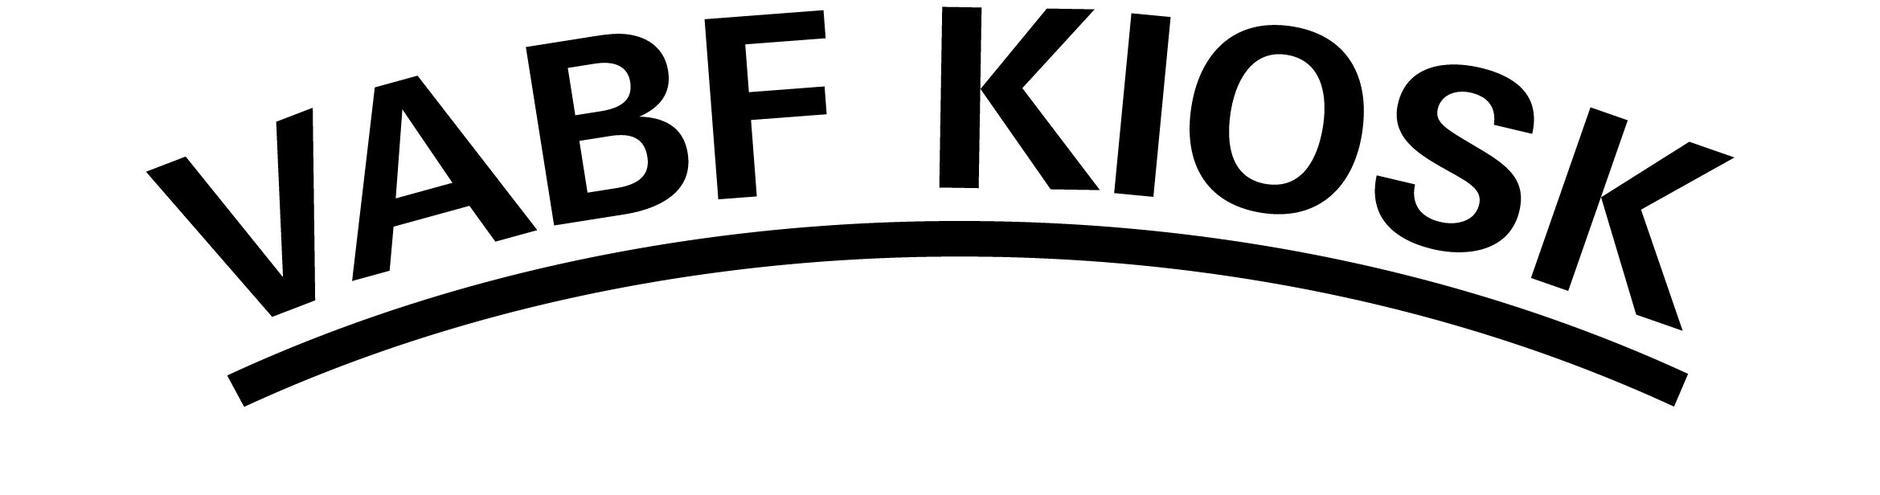 VABF KIOSK